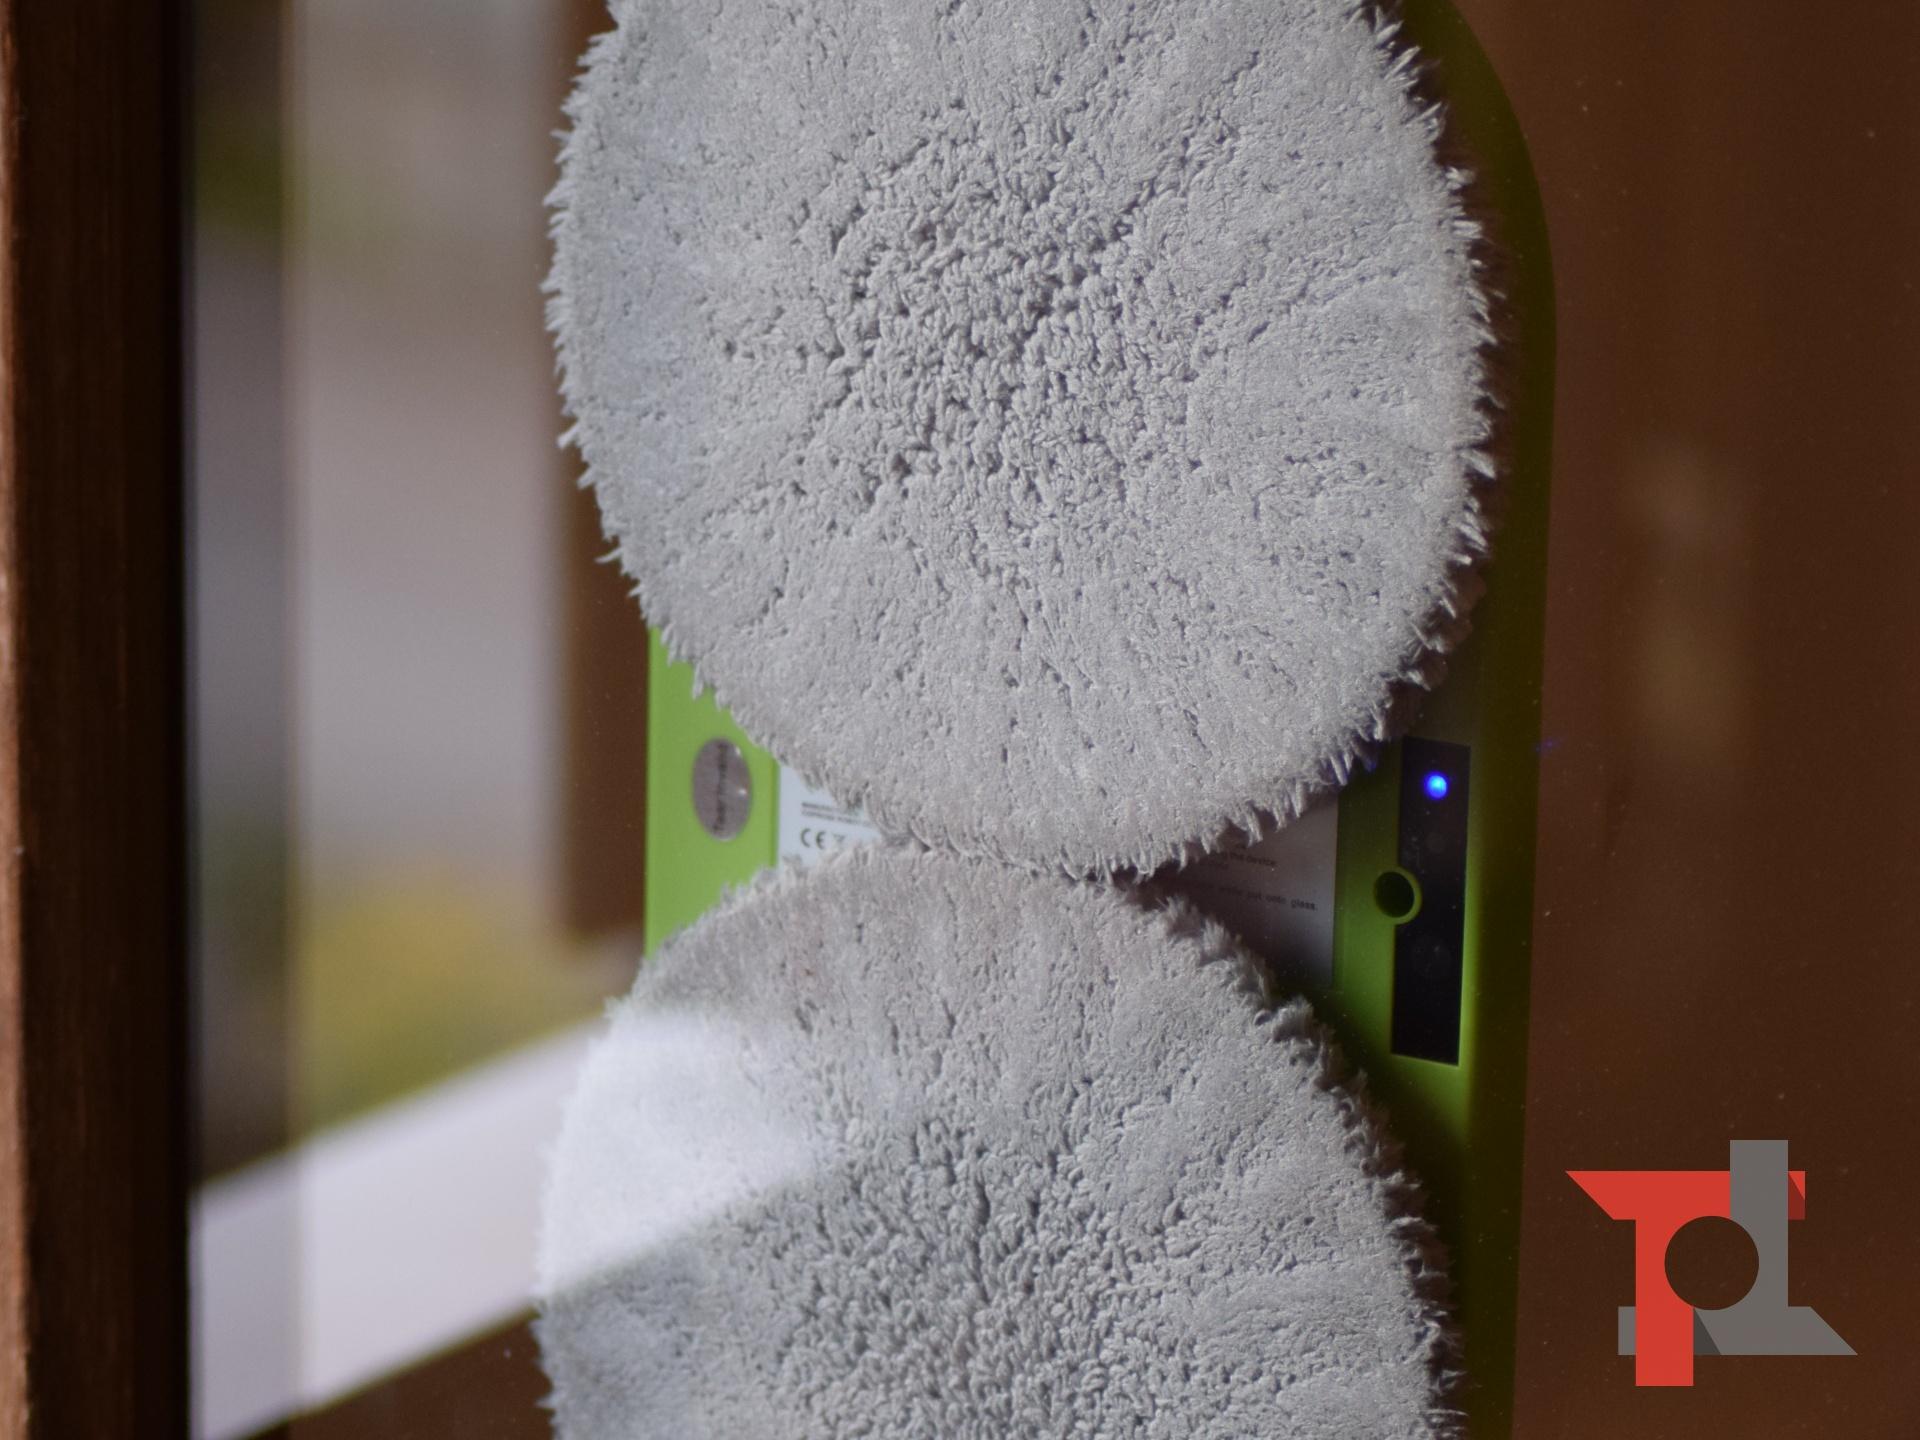 Recensione Alfawise S70, il robot per la pulizia dei vetri e delle finestre 6